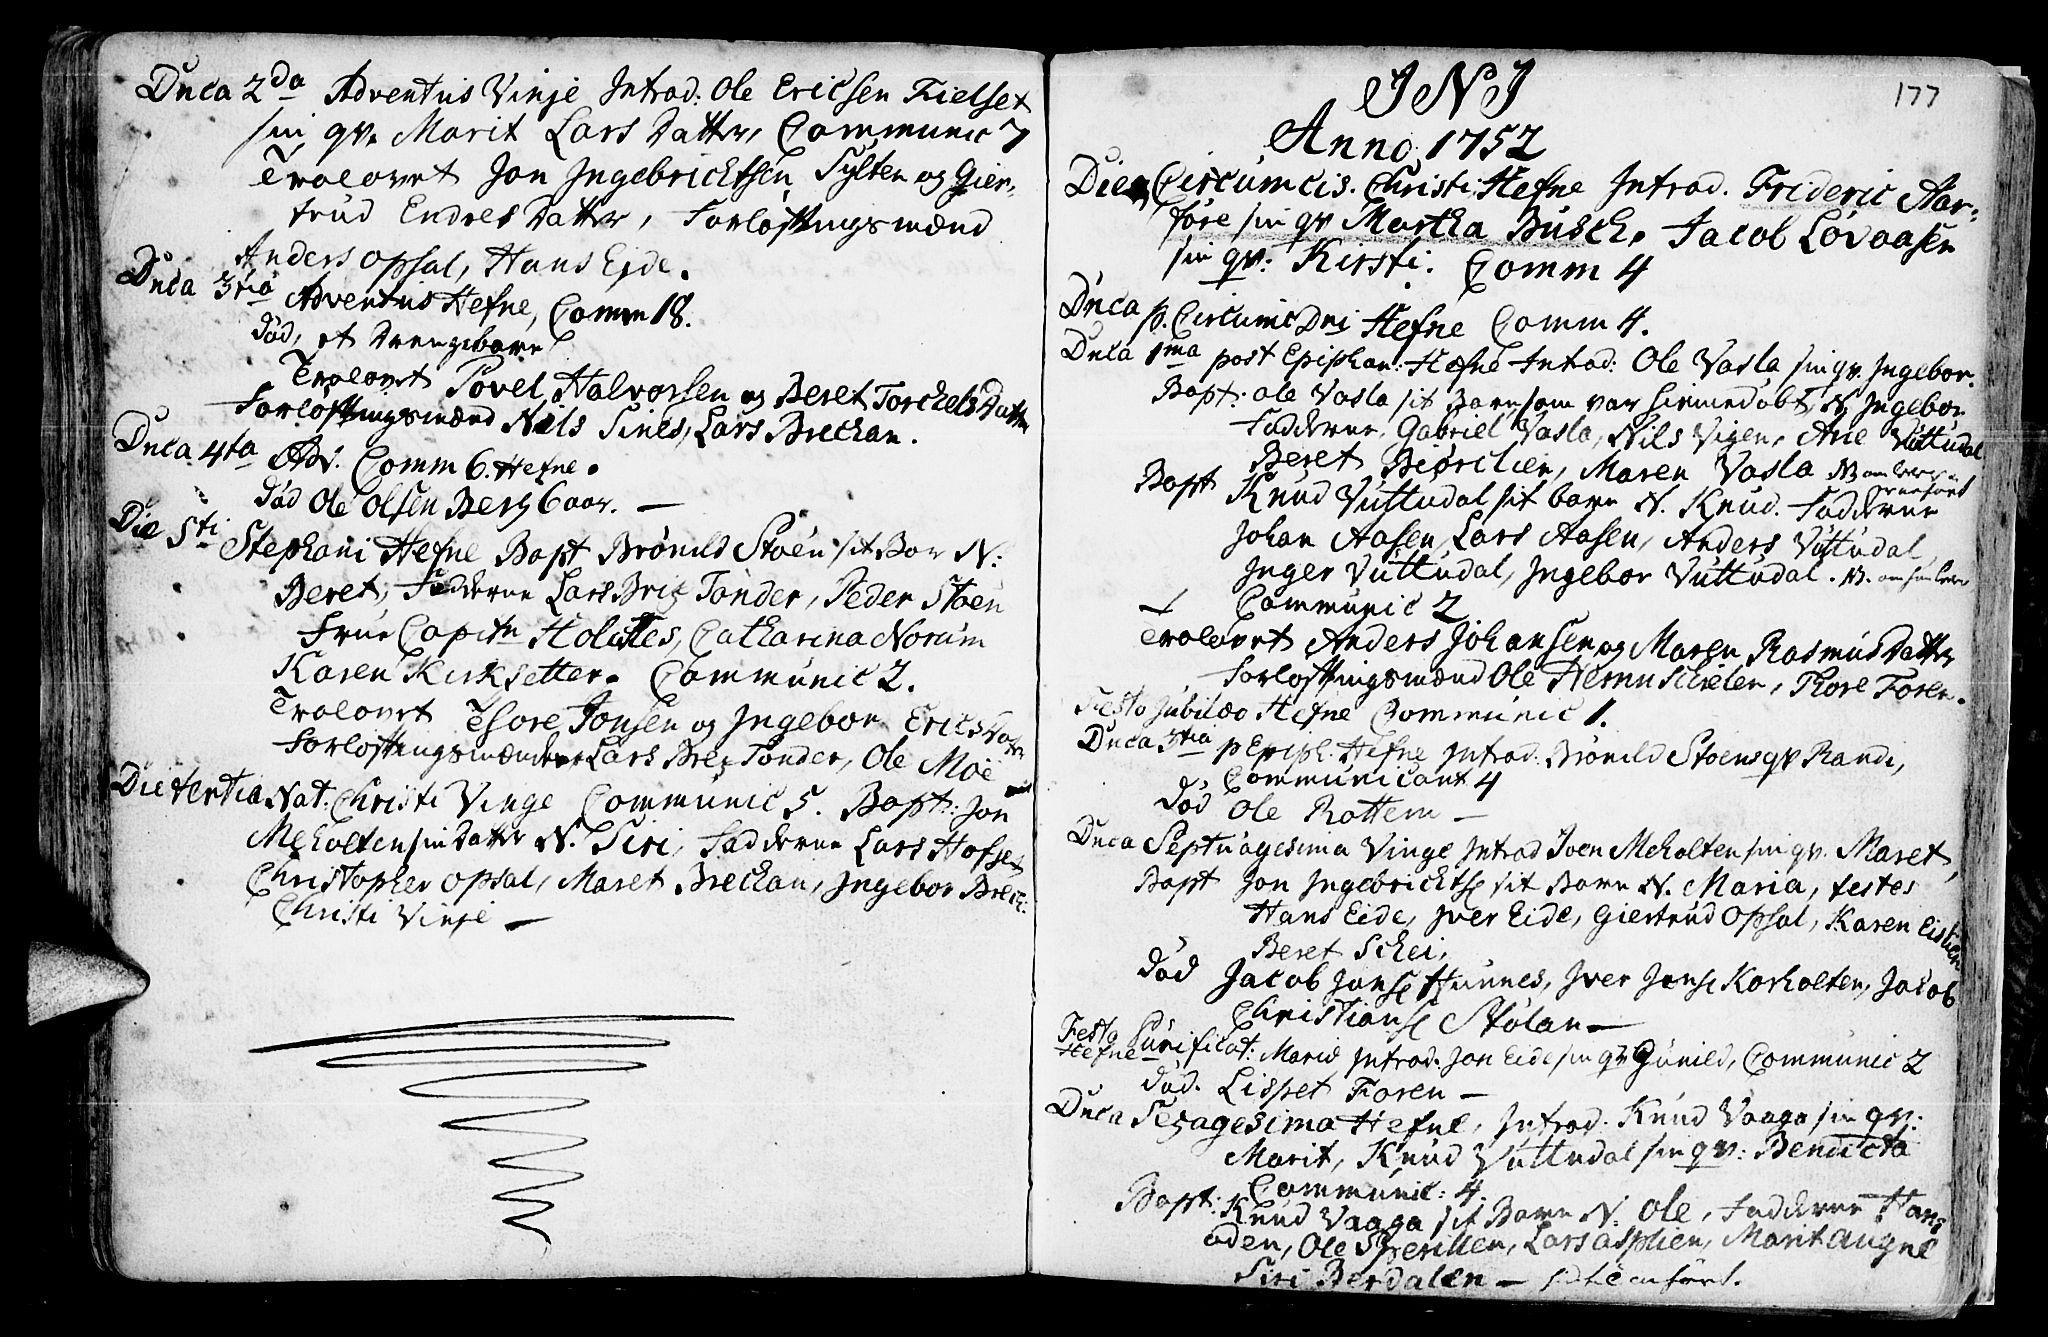 SAT, Ministerialprotokoller, klokkerbøker og fødselsregistre - Sør-Trøndelag, 630/L0488: Ministerialbok nr. 630A01, 1717-1756, s. 176-177